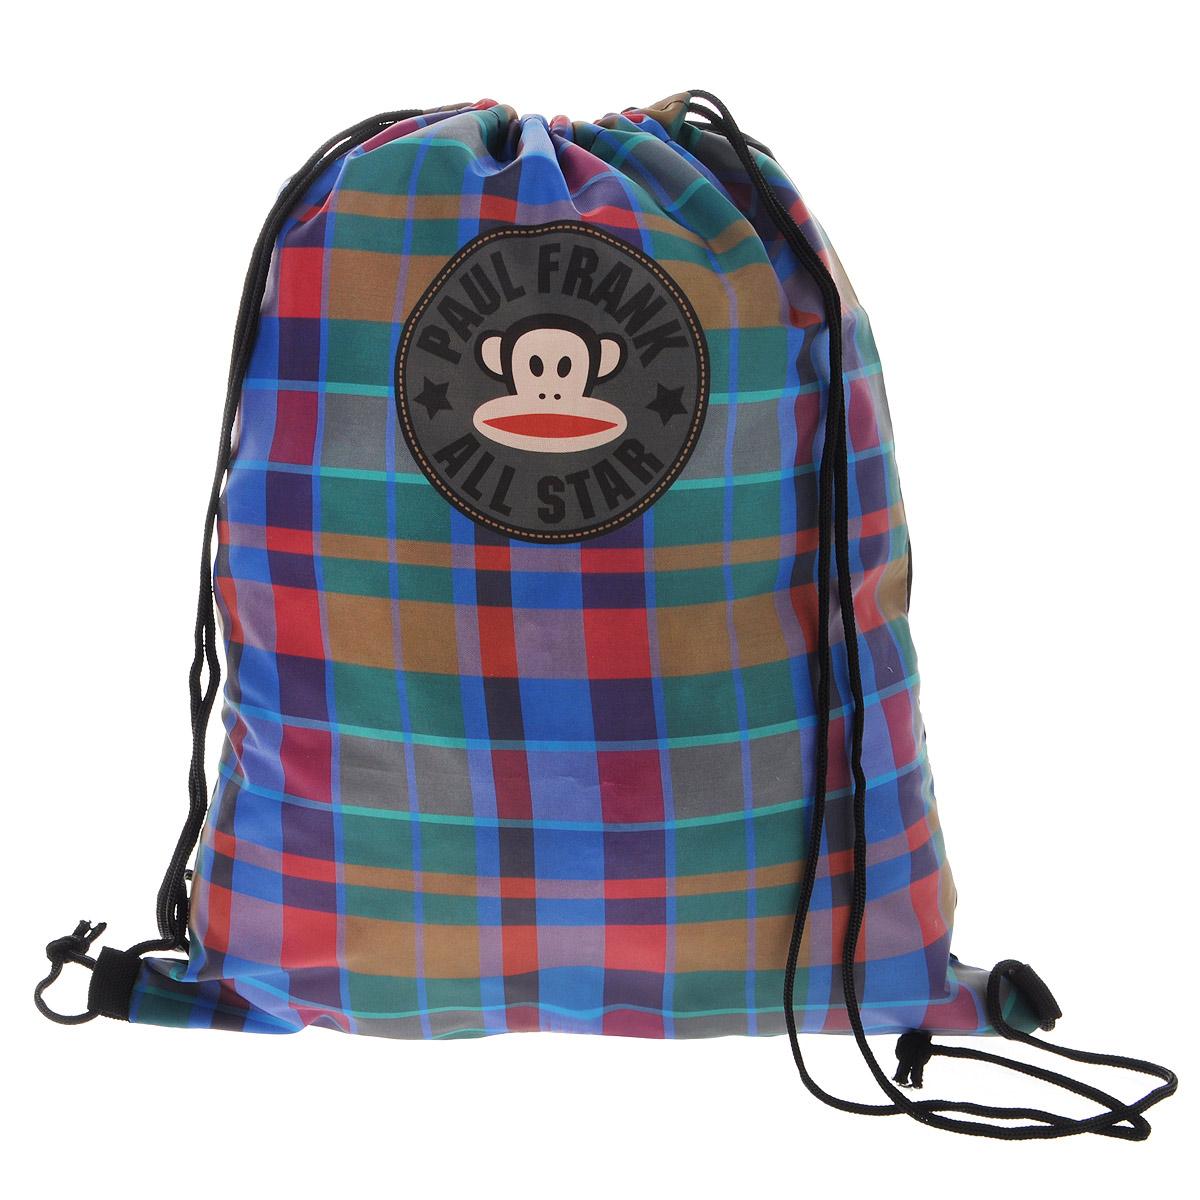 Paul Frank Сумка-рюкзак для обуви цвет коричнево-красный PFCB-UT1-883